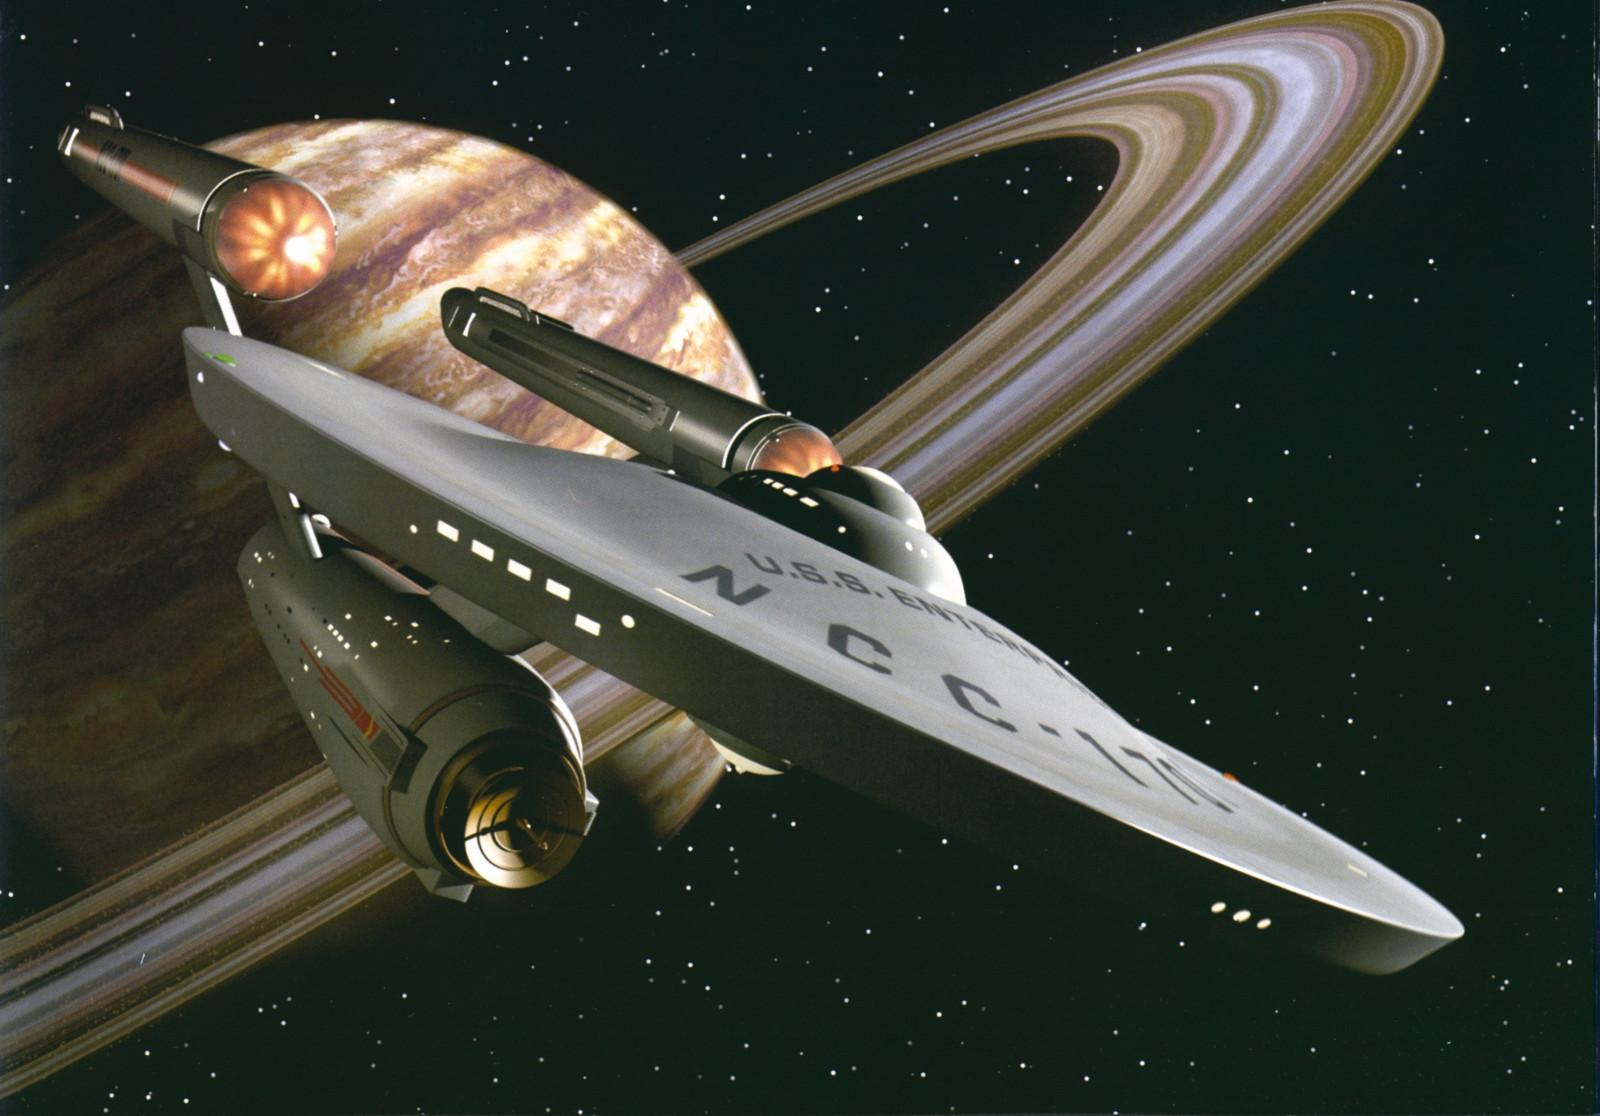 スペース 車両 飛行機 航空機 プロペラ スタートレック USSエンタープライズ宇宙船 航空 翼 スクリーンショット 宇宙船 地球の雰囲気 航空機エンジン